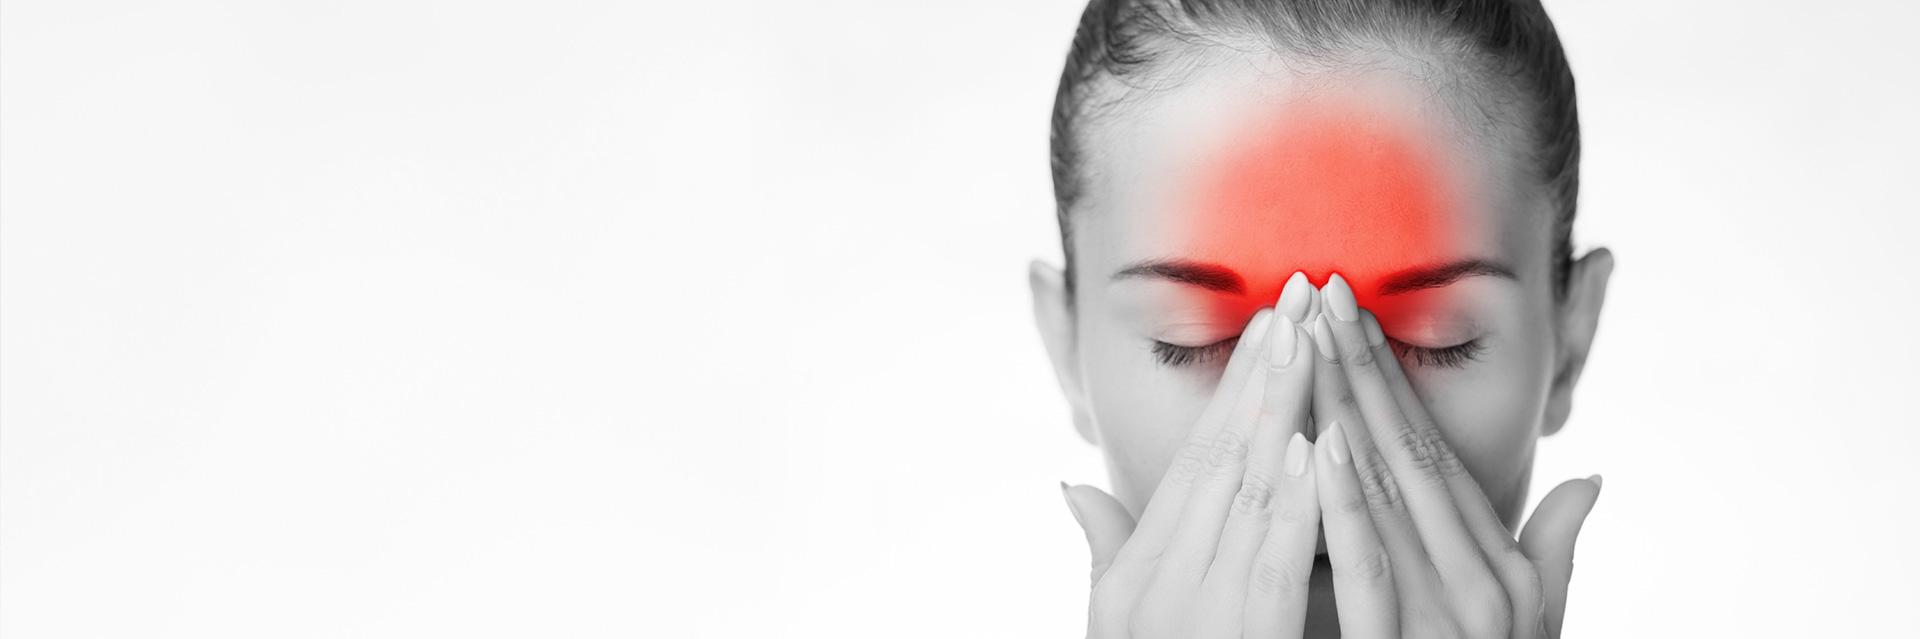 W jaki sposób zbić gorączkę? Domowe sposoby na obniżenie gorączki